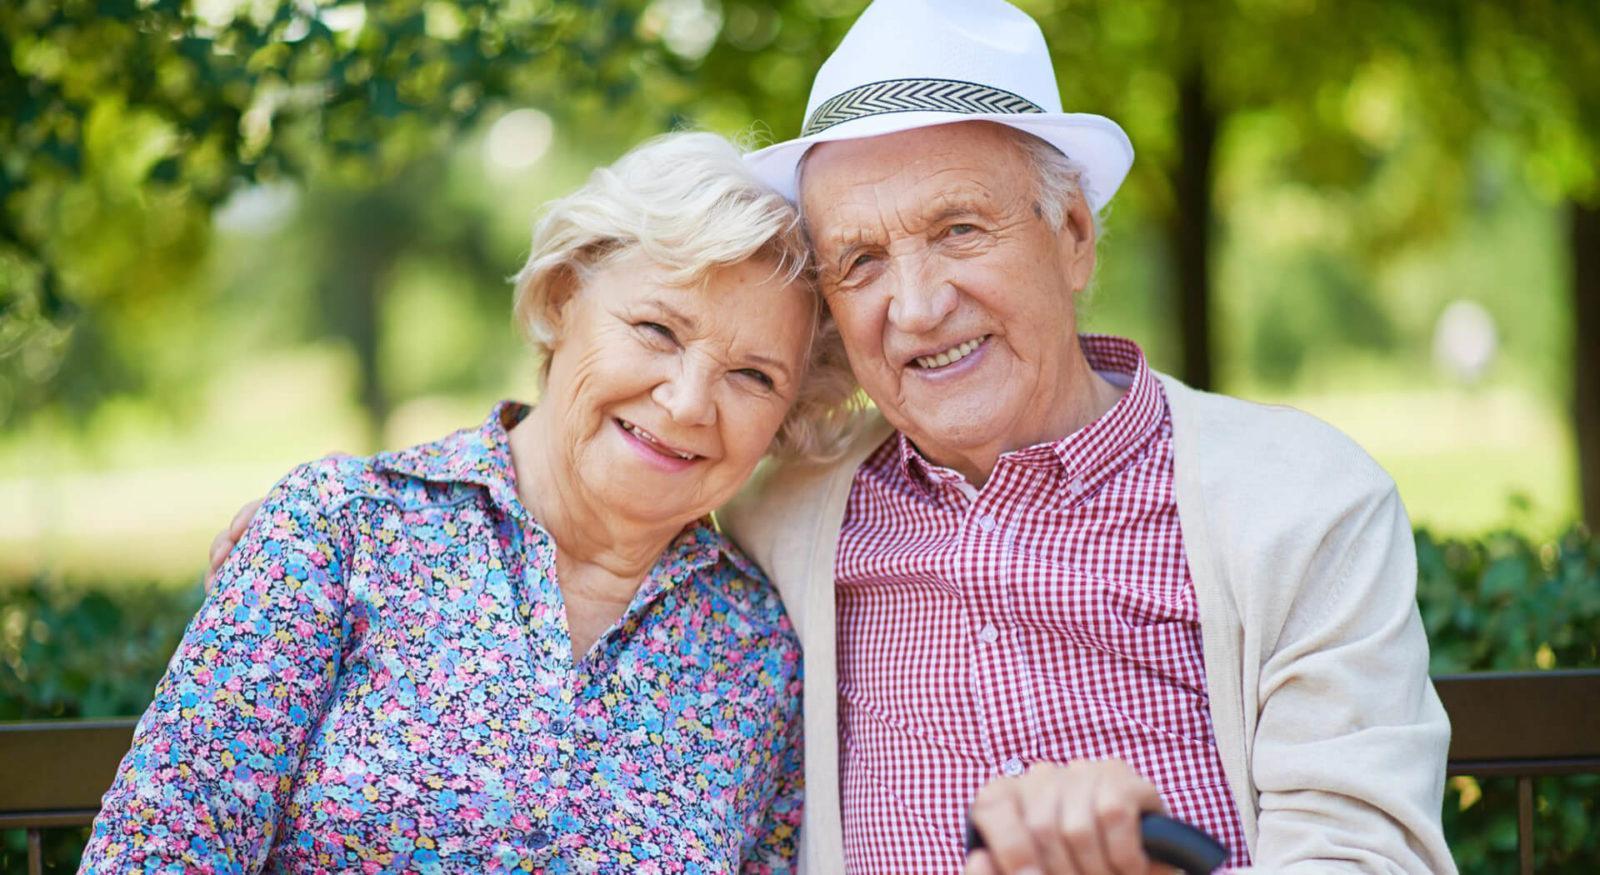 Дом престарелых: оптимальные условия для пожилых людей